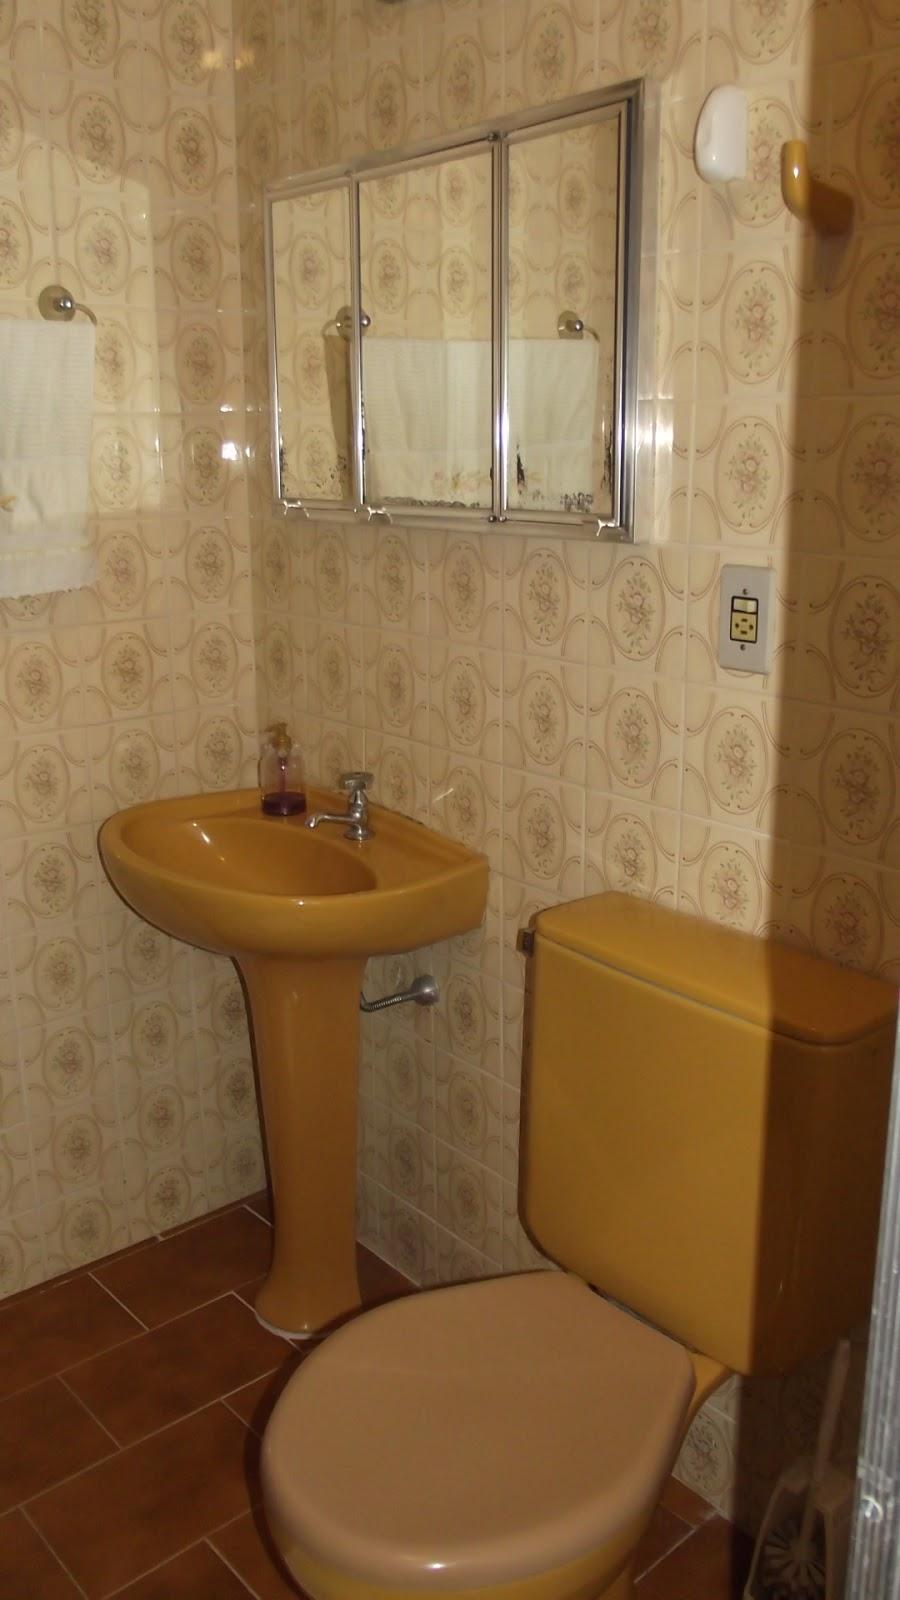 meus trabalhos de design de interiores  se fosse na minha casa  Página -> Nicho Para Banheiro Campinas